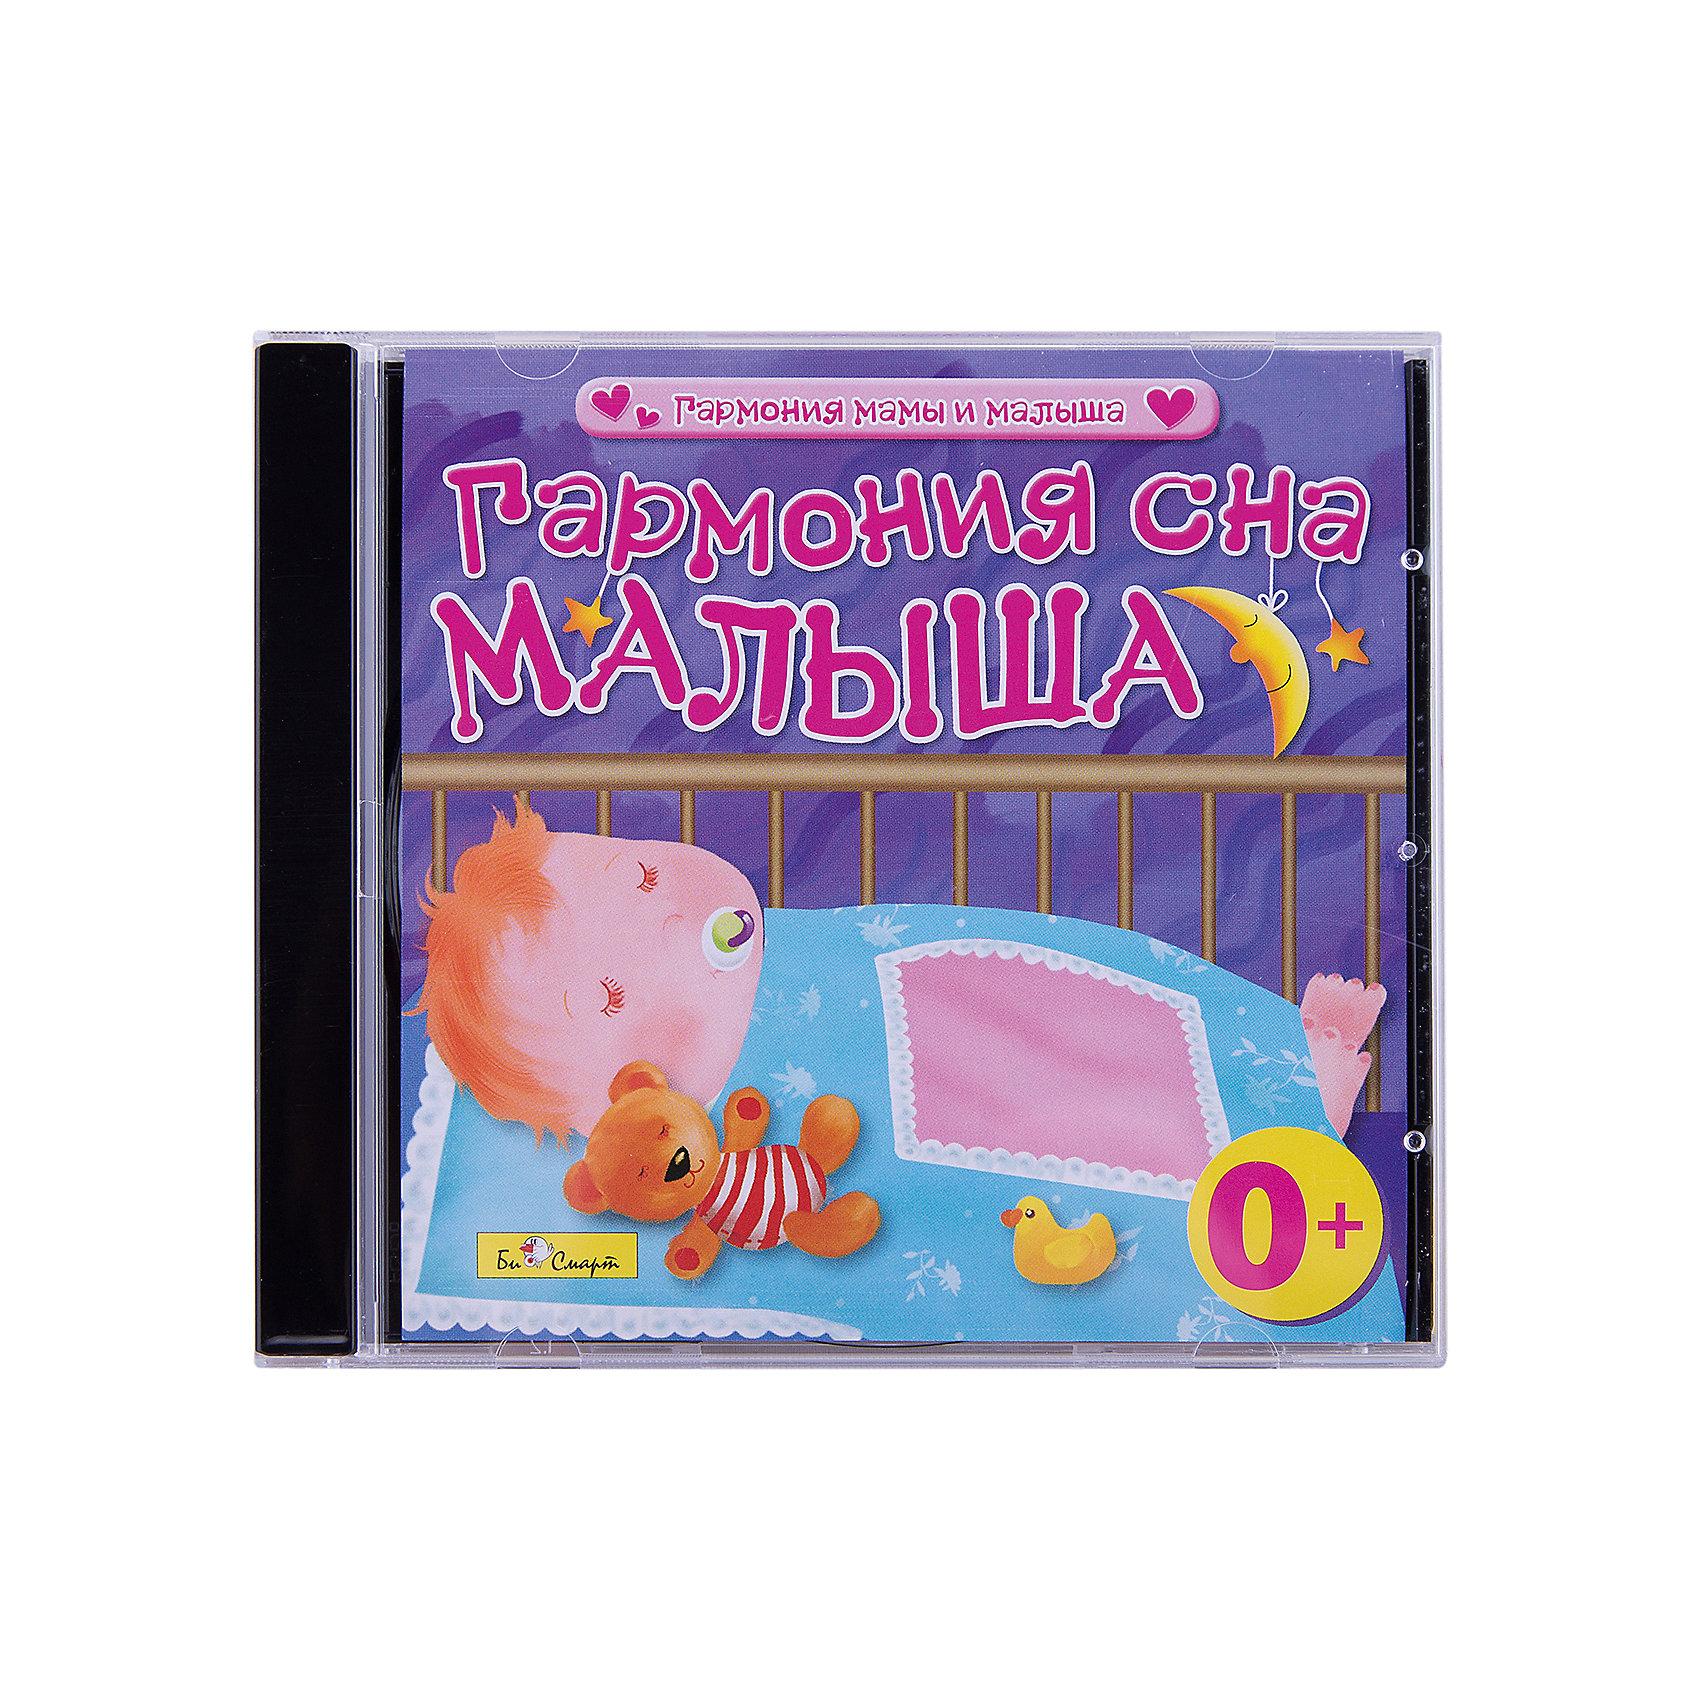 Би Смарт CD. Гармония сна малыша (0+)